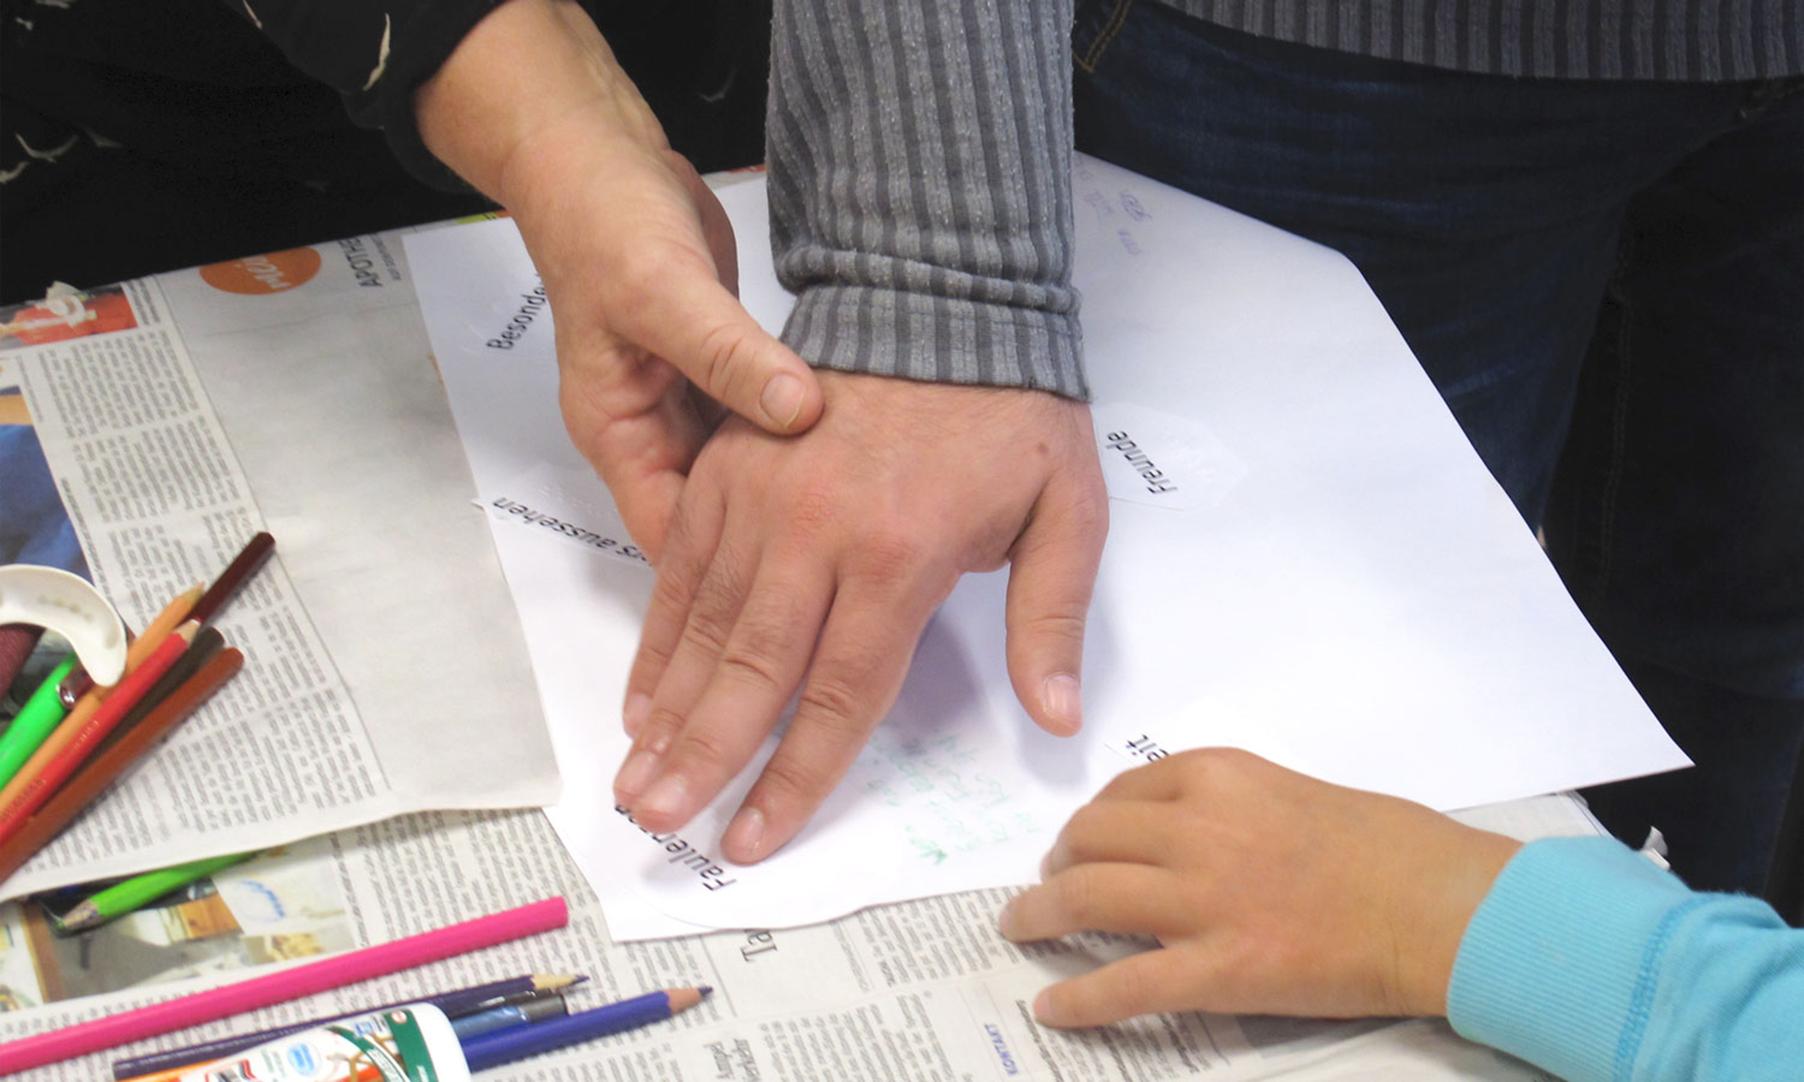 Schulbank mit Workshop-Materialien. Eine Hand führt eine andere Hand zur Brailleschrift.